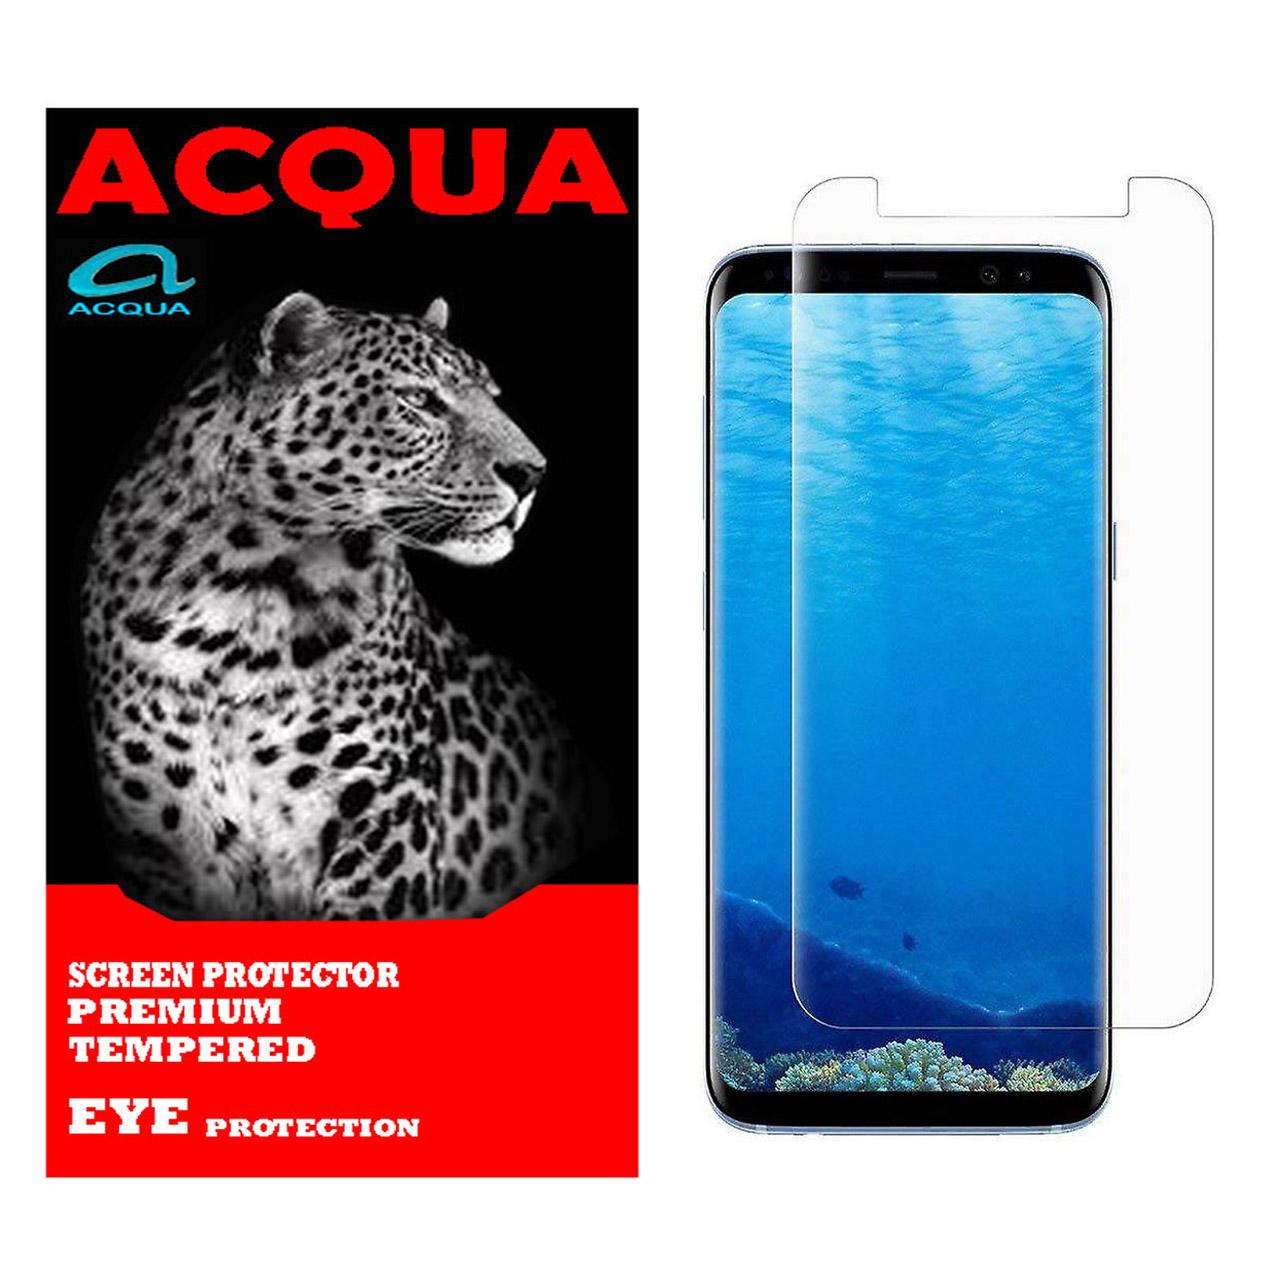 محافظ صفحه نمایش آکوا مناسب برای گوشی موبایل سامسونگ Galaxy A8 2018